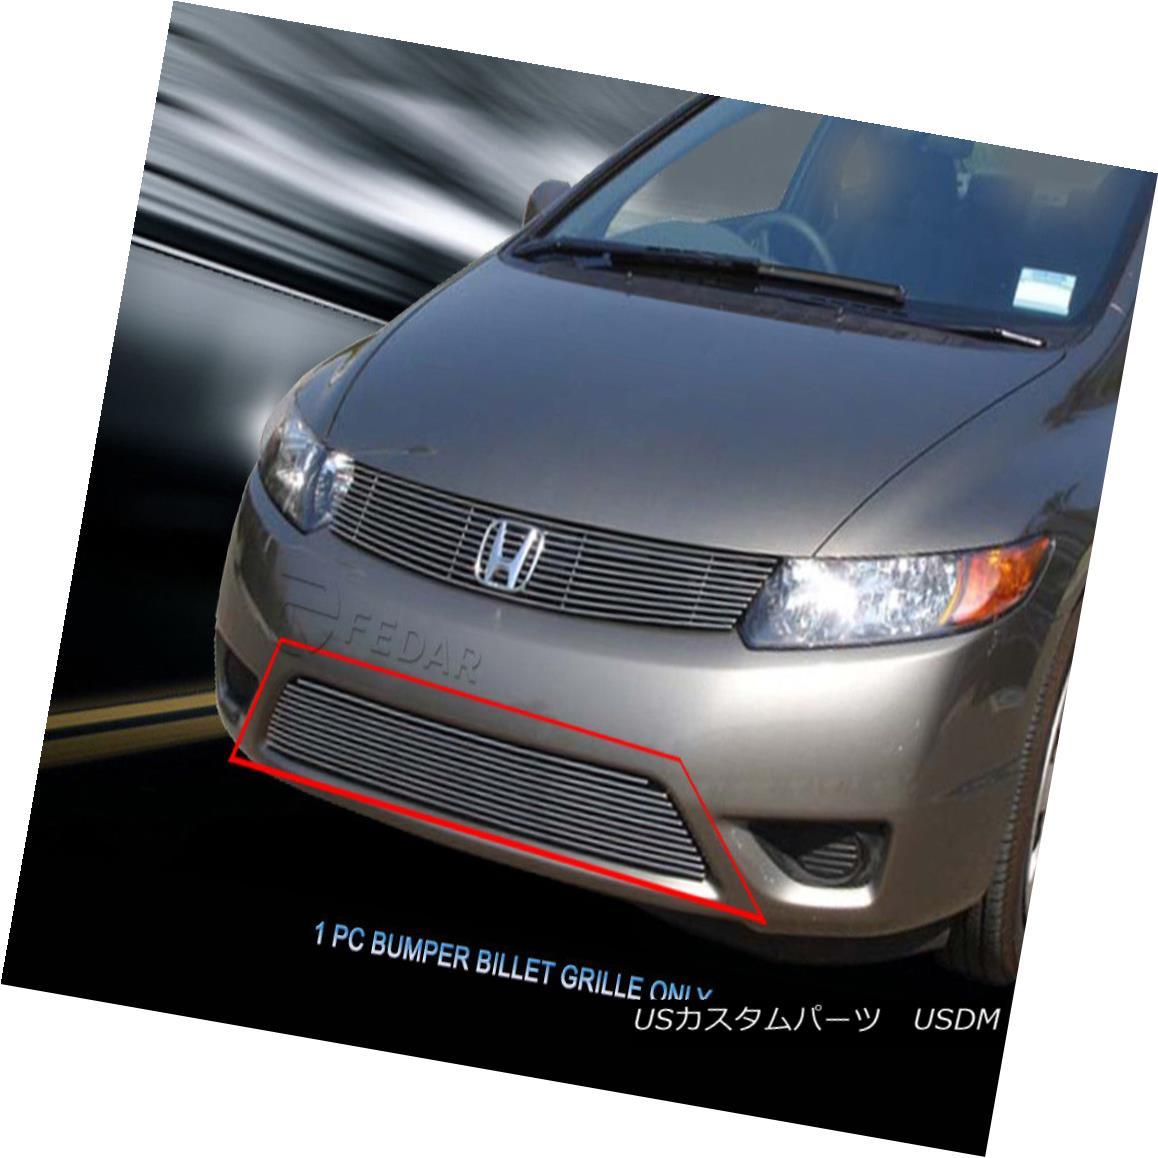 グリル Fits 2006 2007 Honda Accord Coupe Billet Grille Lower Bumper Grill Insert Fedar フィックス2006年2007ホンダアコードクーペビレットグリルロワーバンパーグリルインサートFedar